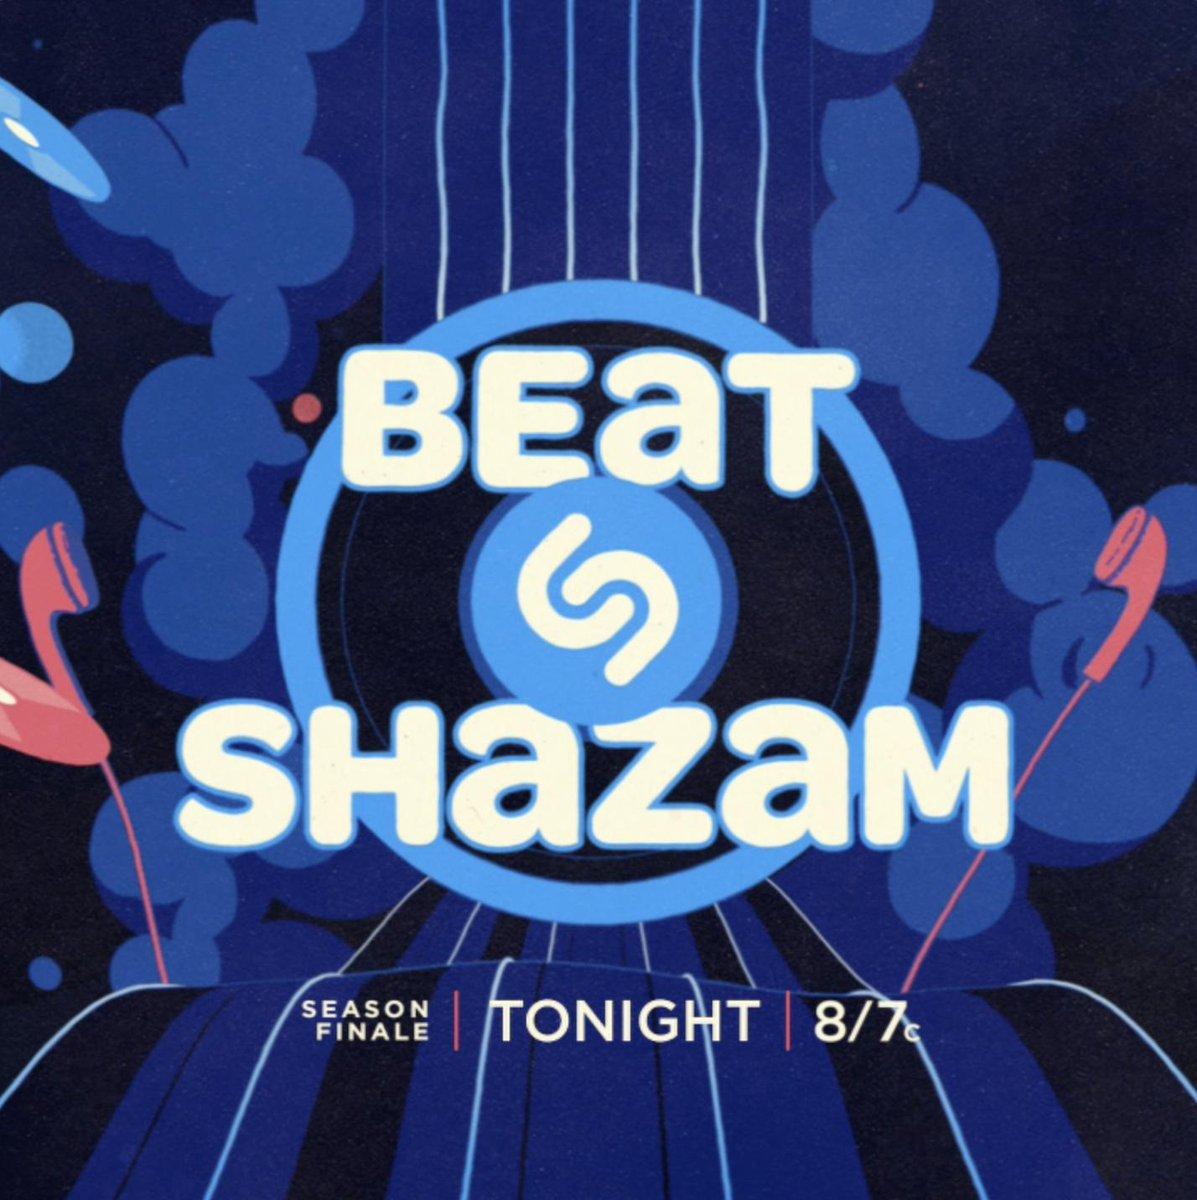 @Shazam's photo on #BeatShazam